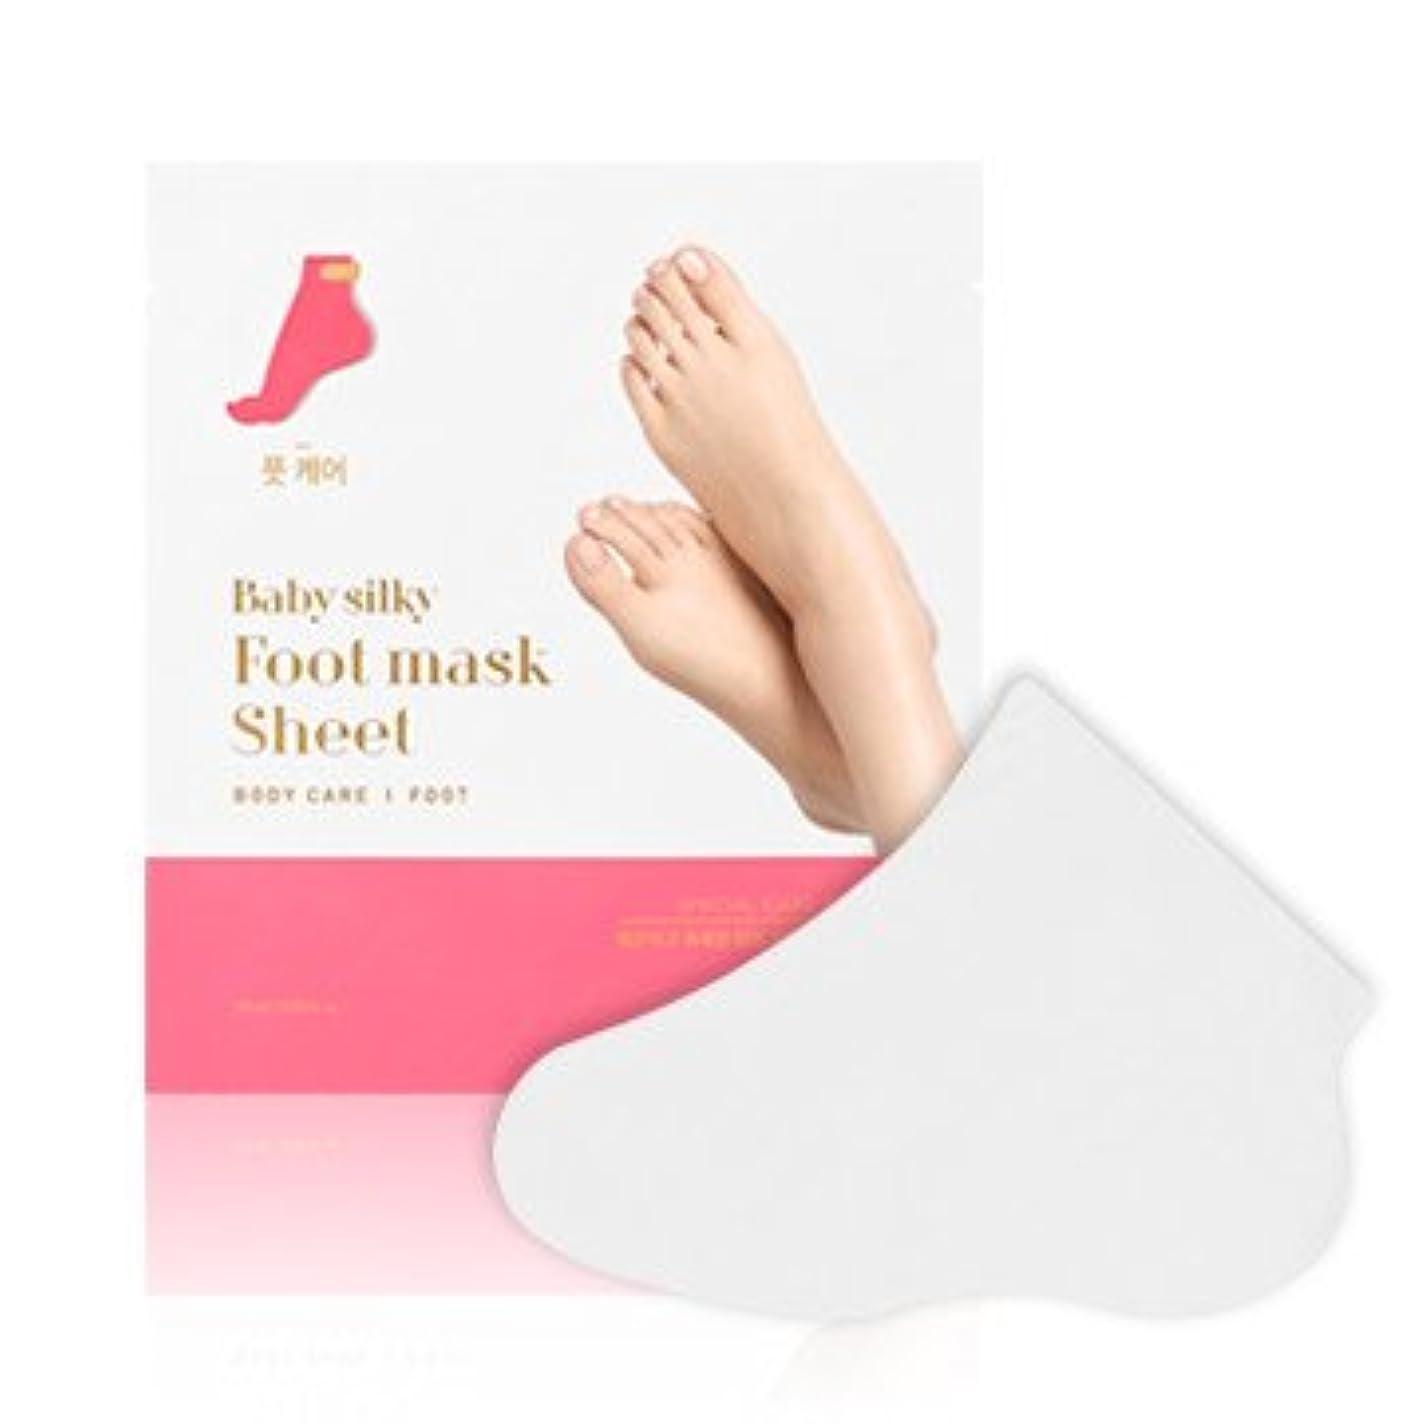 賢明な解釈的通貨[Holika Holika/ホリカホリカ] ベビーシルキーフット マスクシート ?しっとり?/ Baby Silky Foot Mask Sheet 6EA [並行輸入品] …